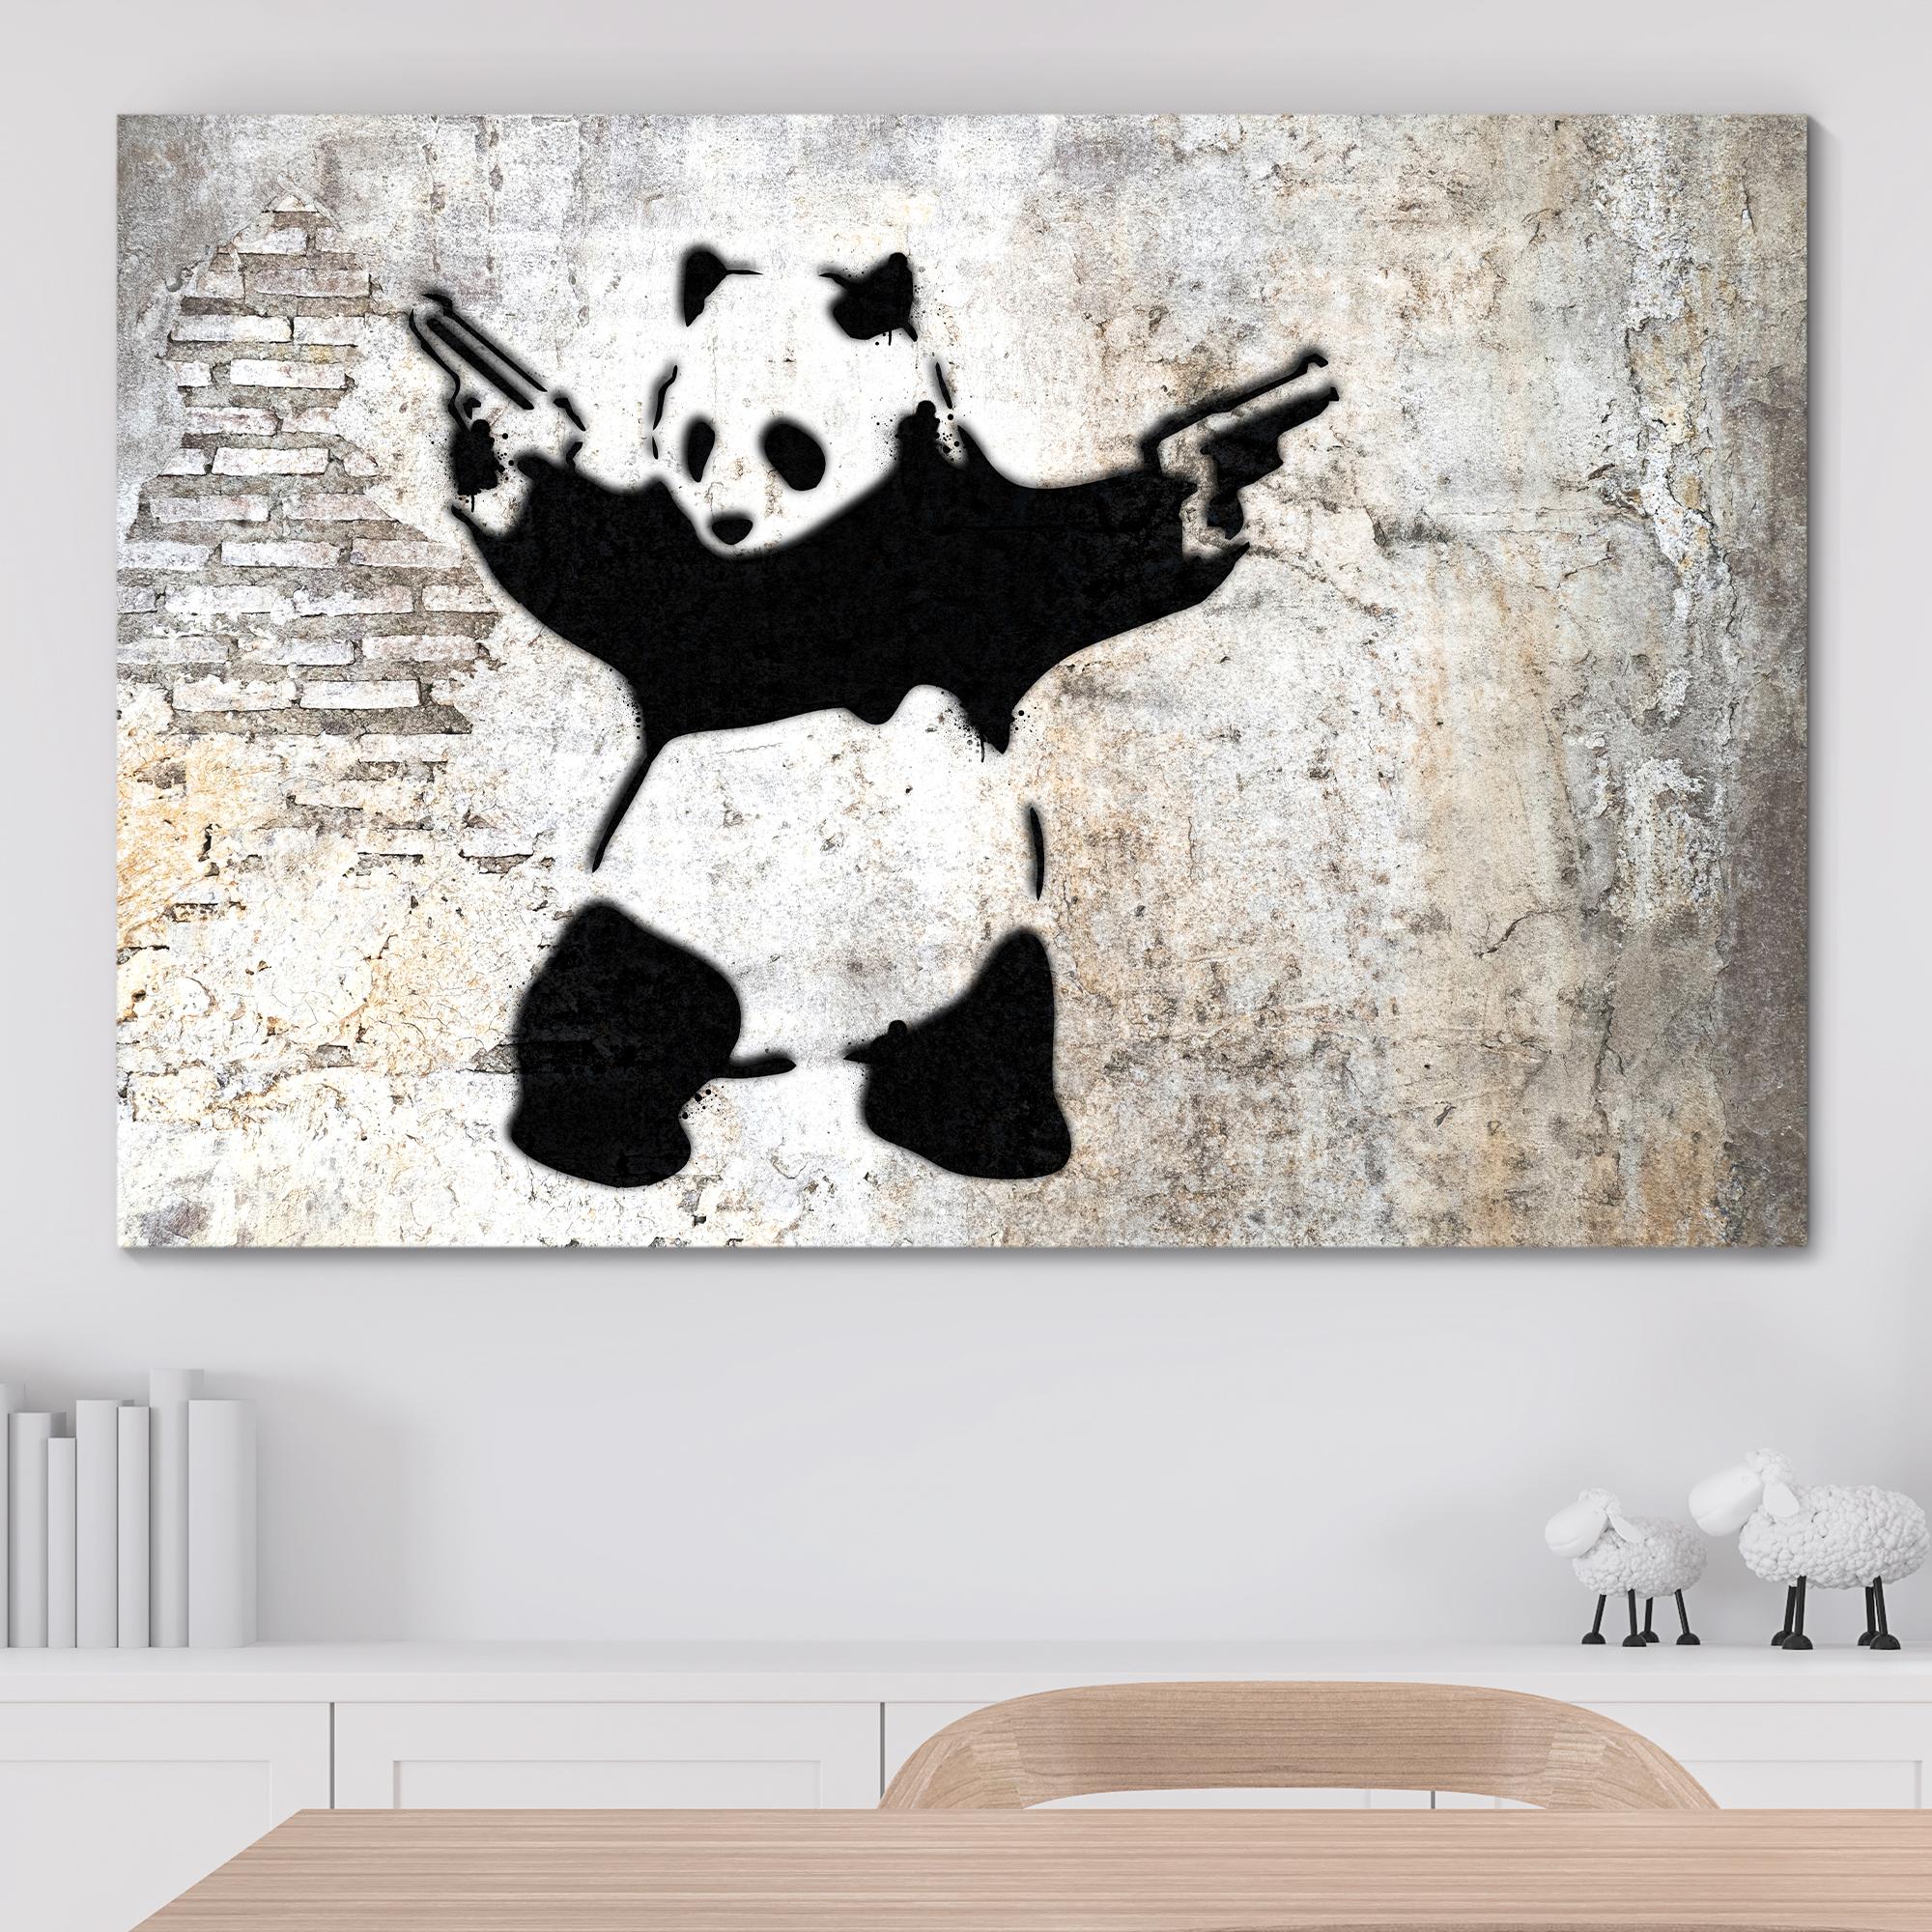 Banksy Panda With Guns - Canvas Wall Art